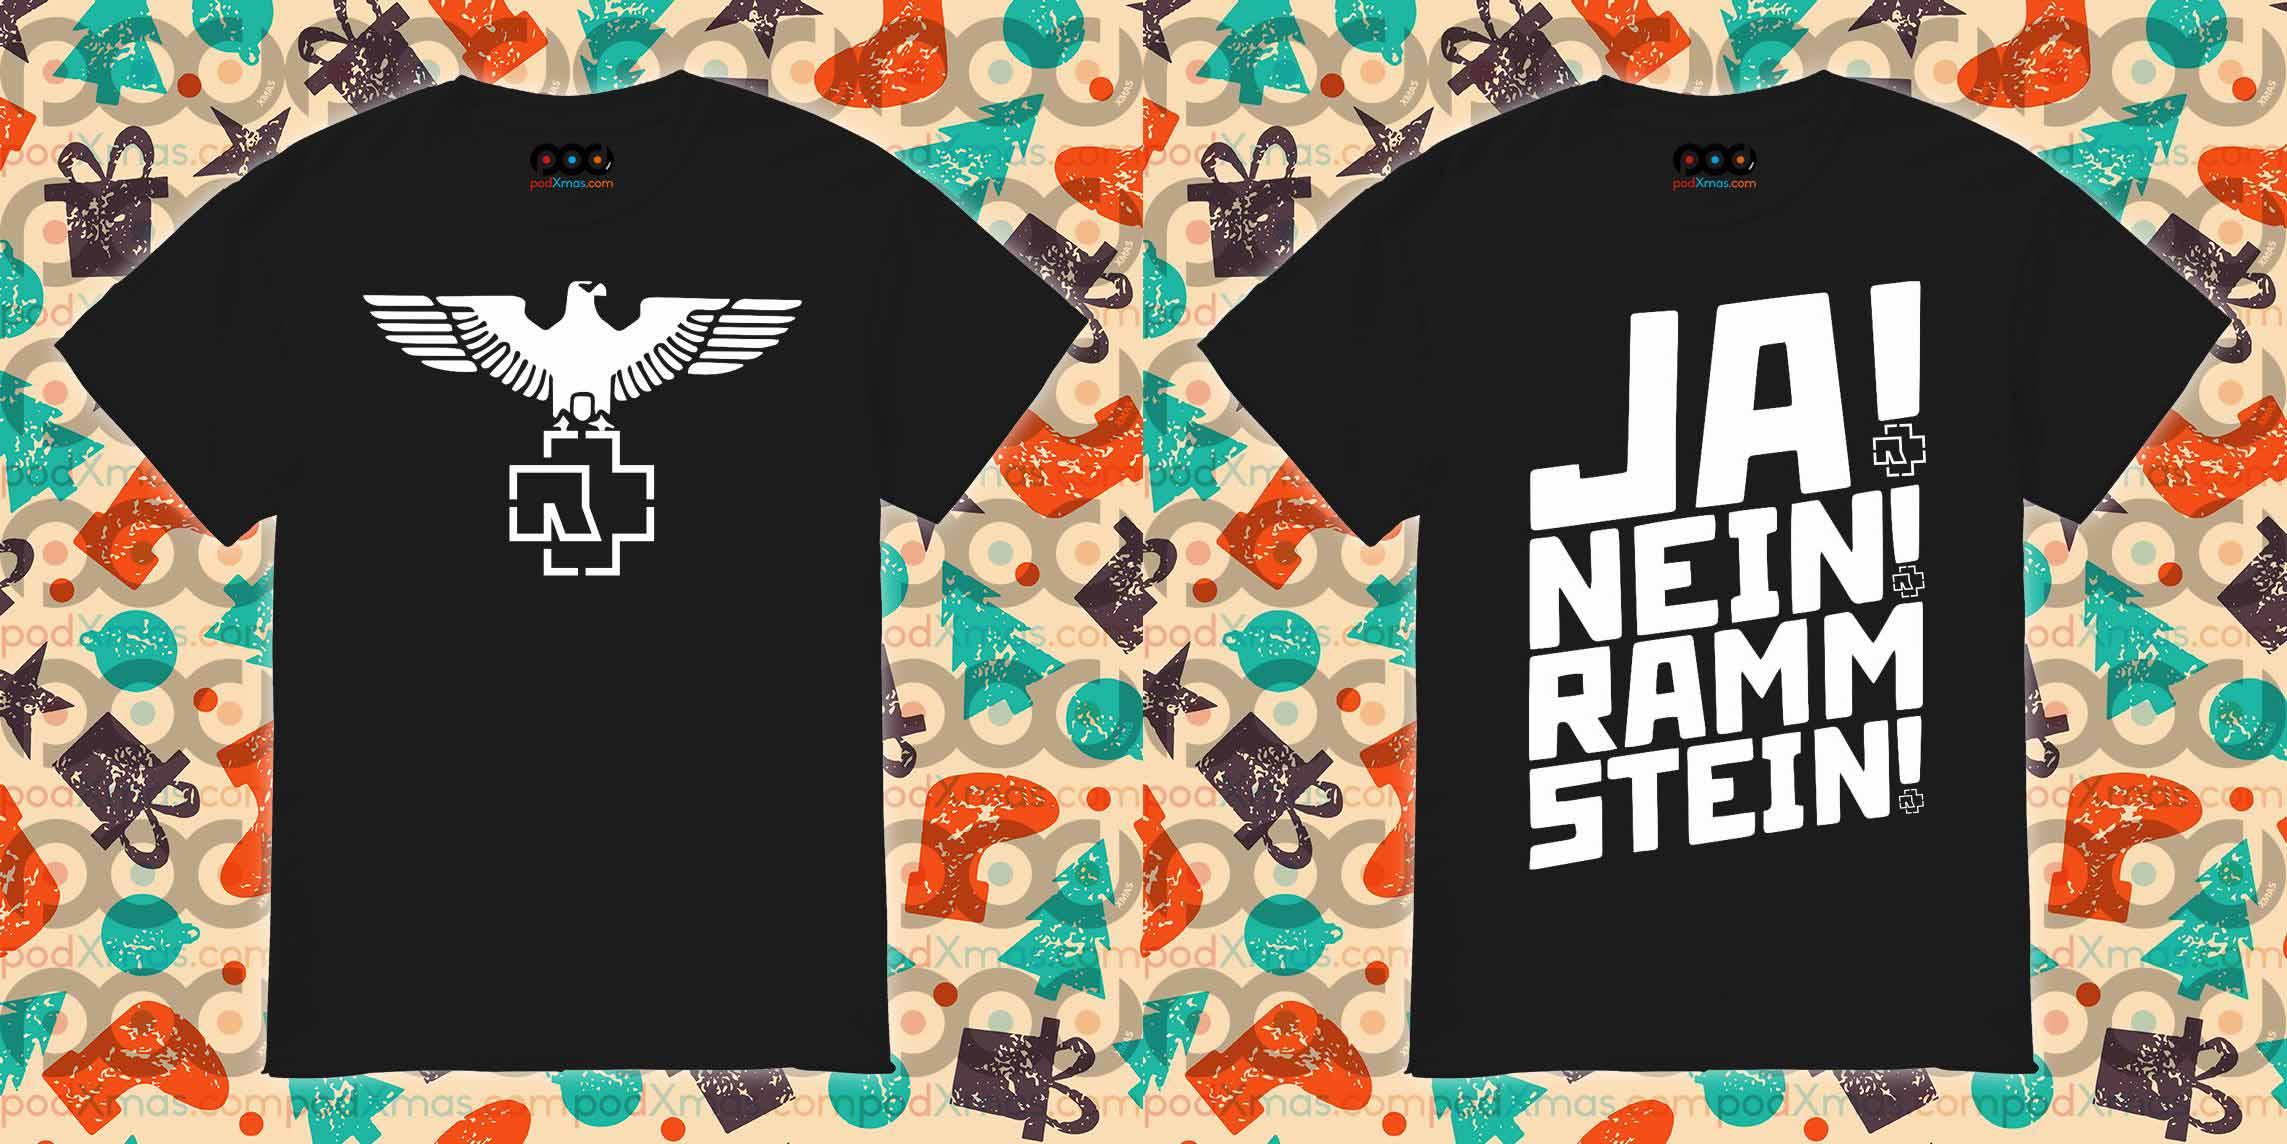 Ja Nein Rammstein shirt